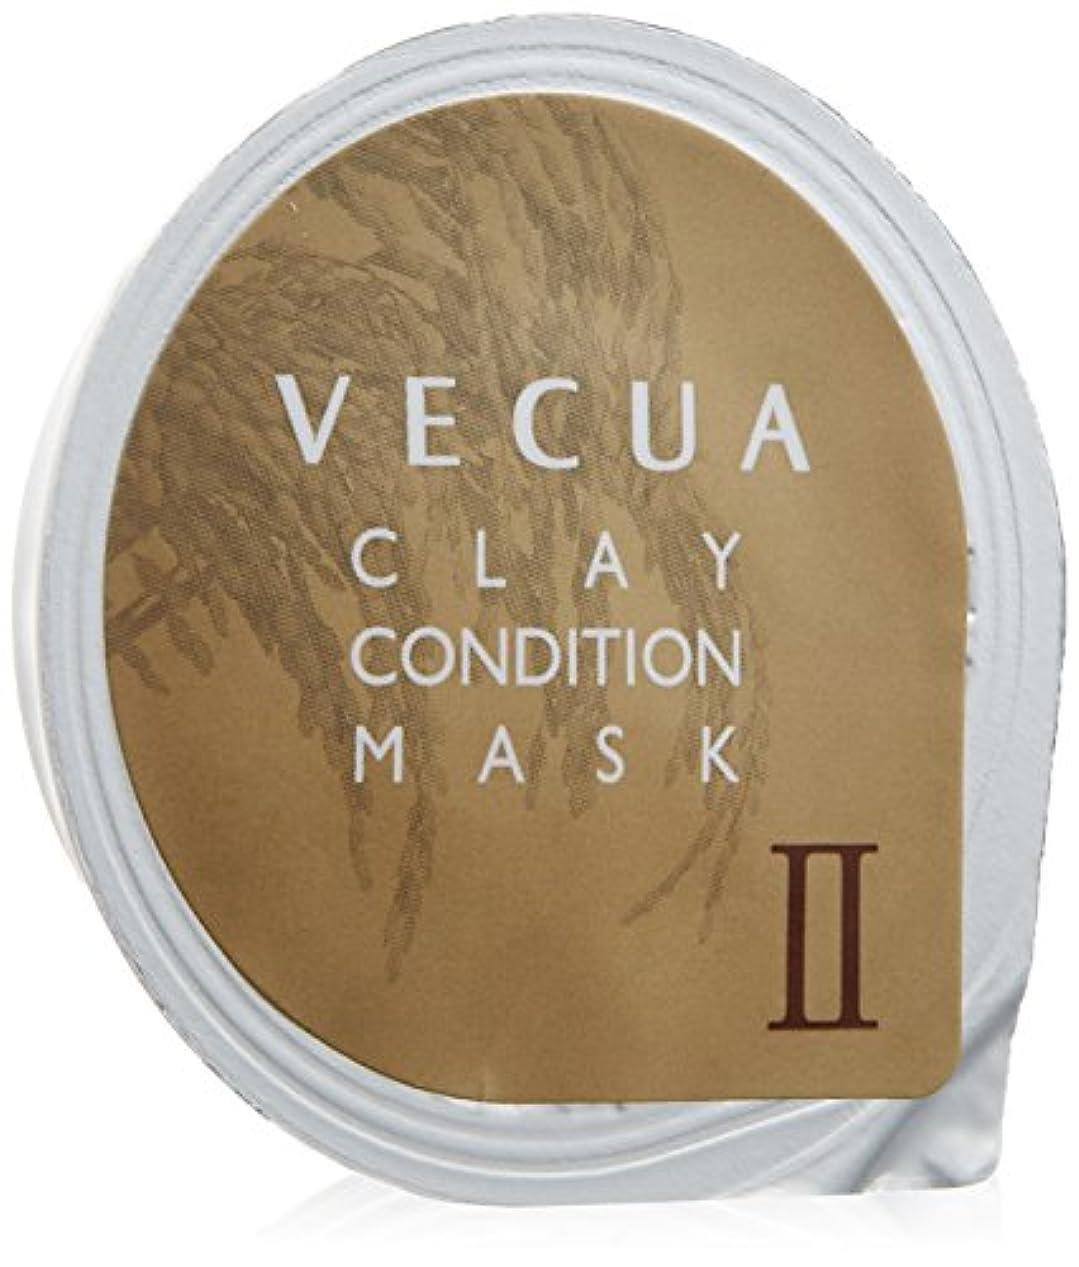 谷運搬商業のベキュア クレイコンディションマスク2 10gX3個(クレイマスク)